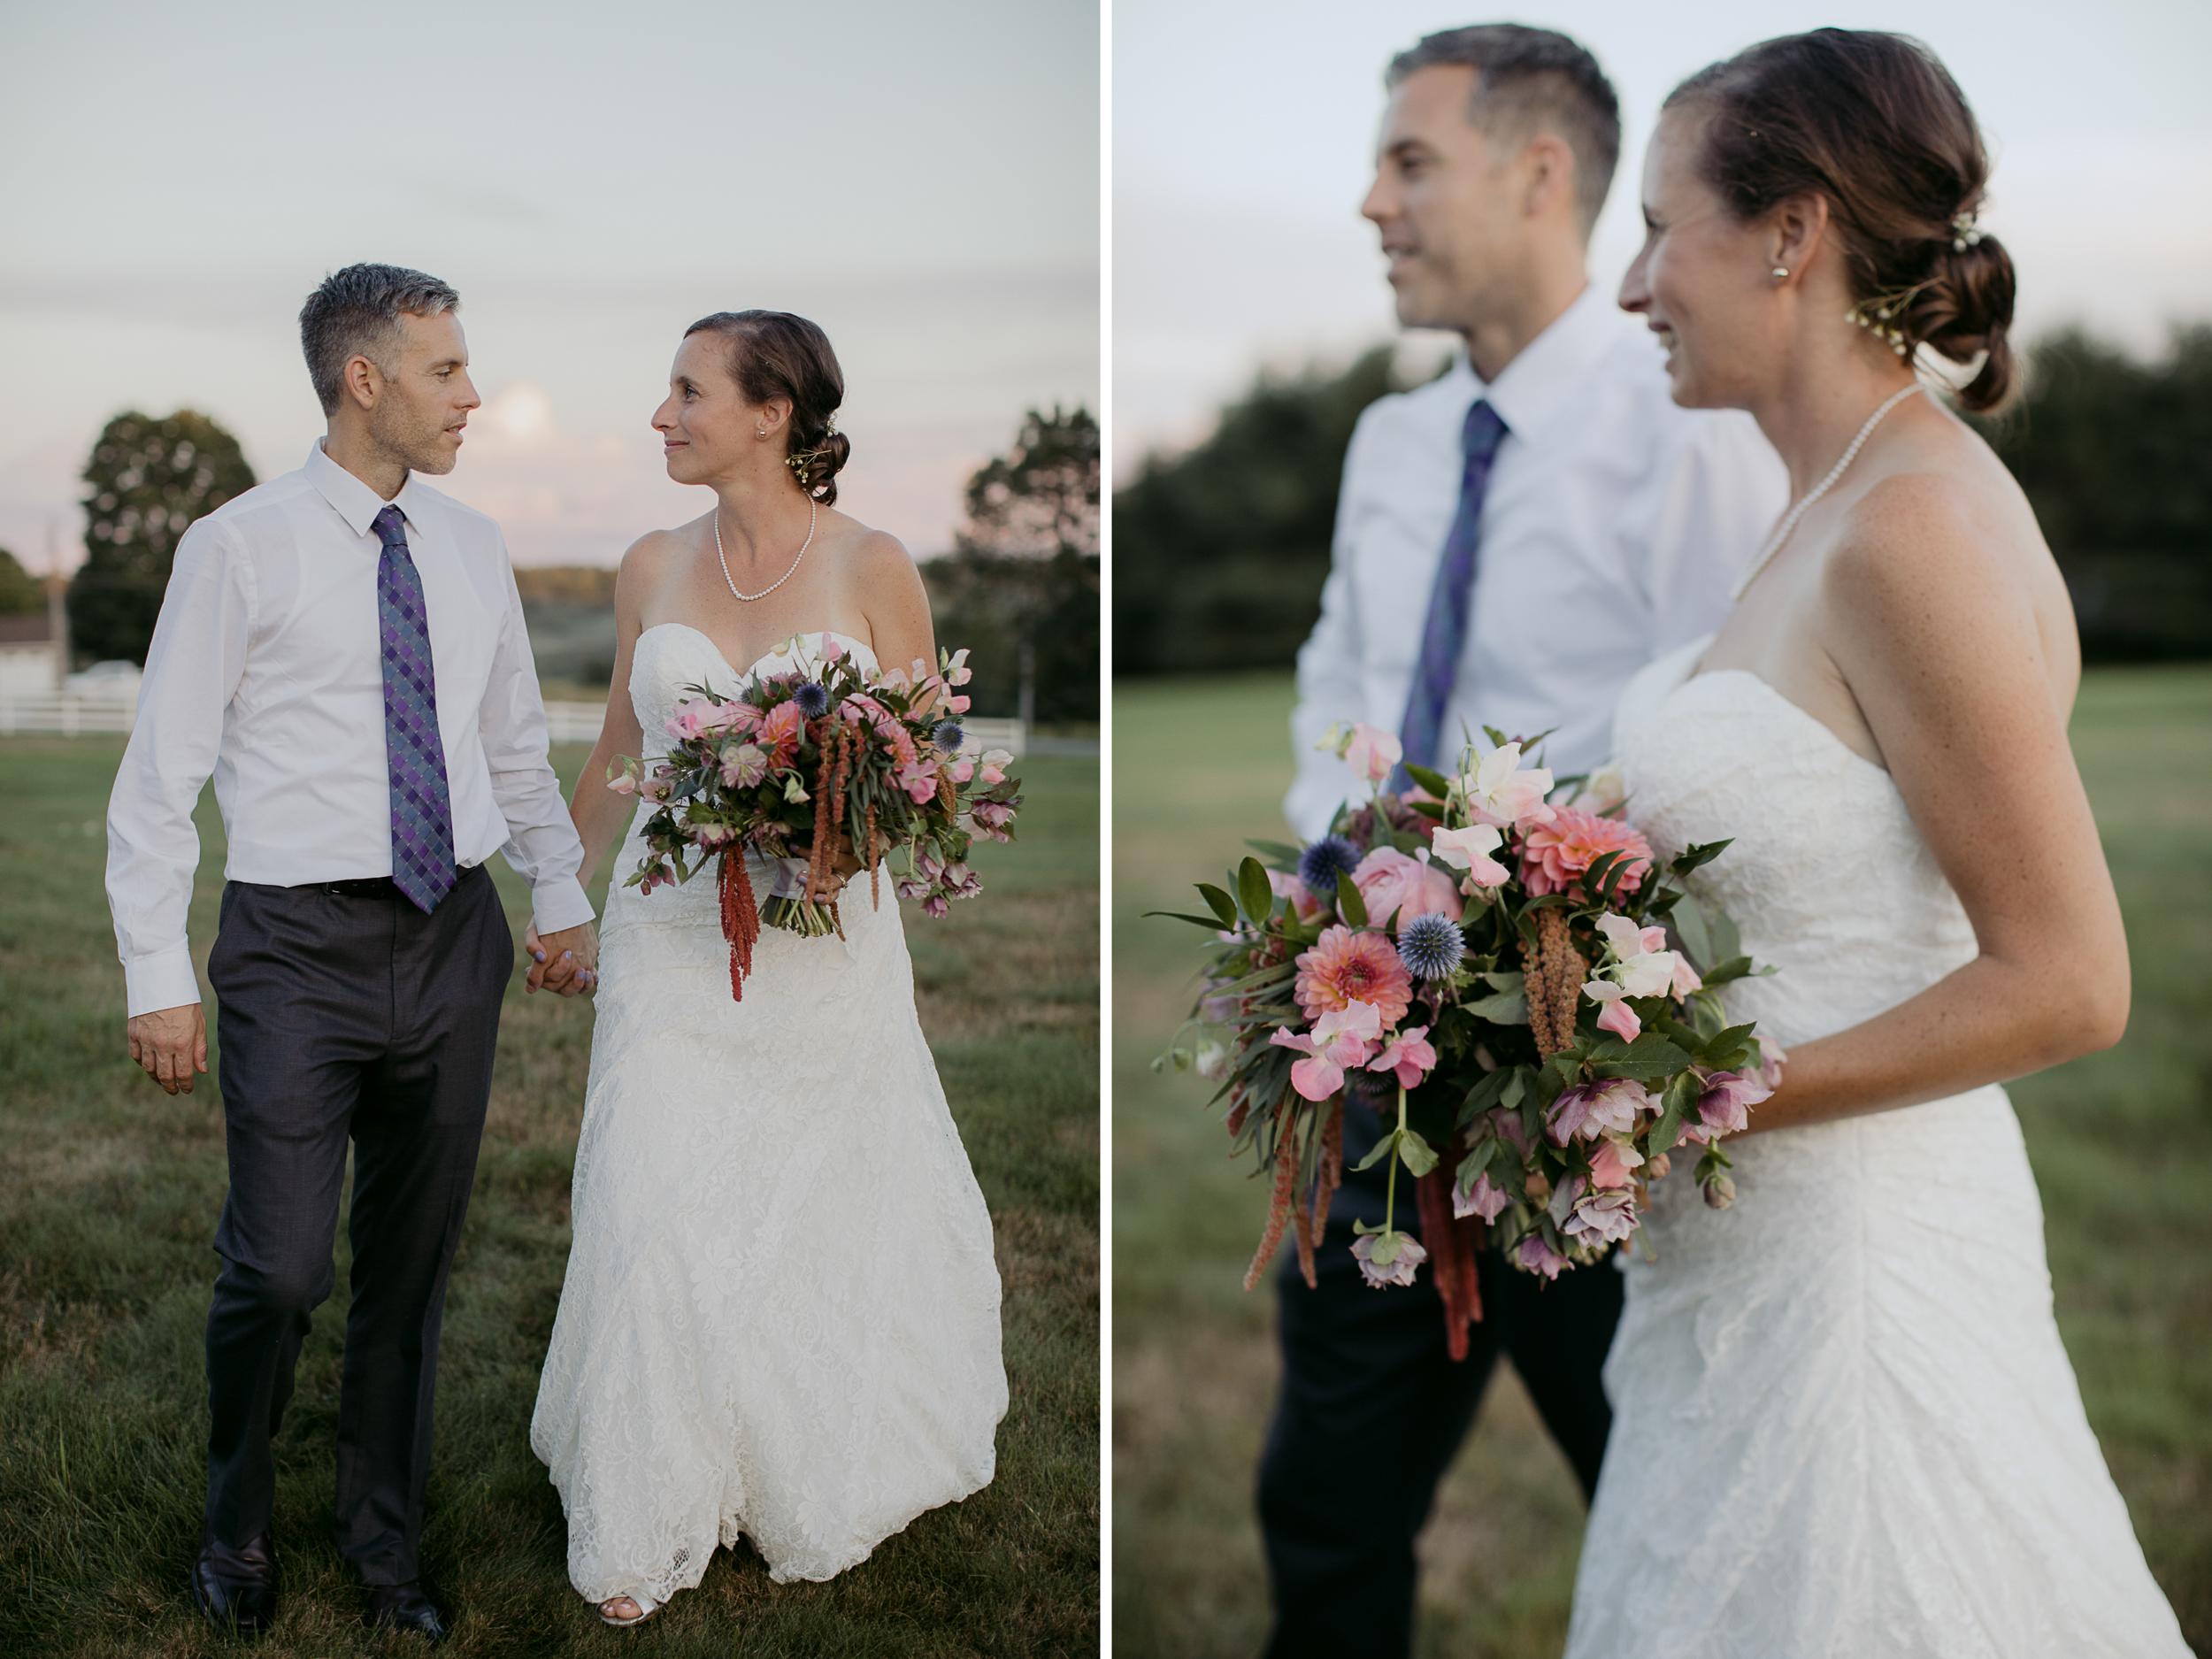 william_allen_farm_pownal_wedding_maine_michelleben-32.jpg